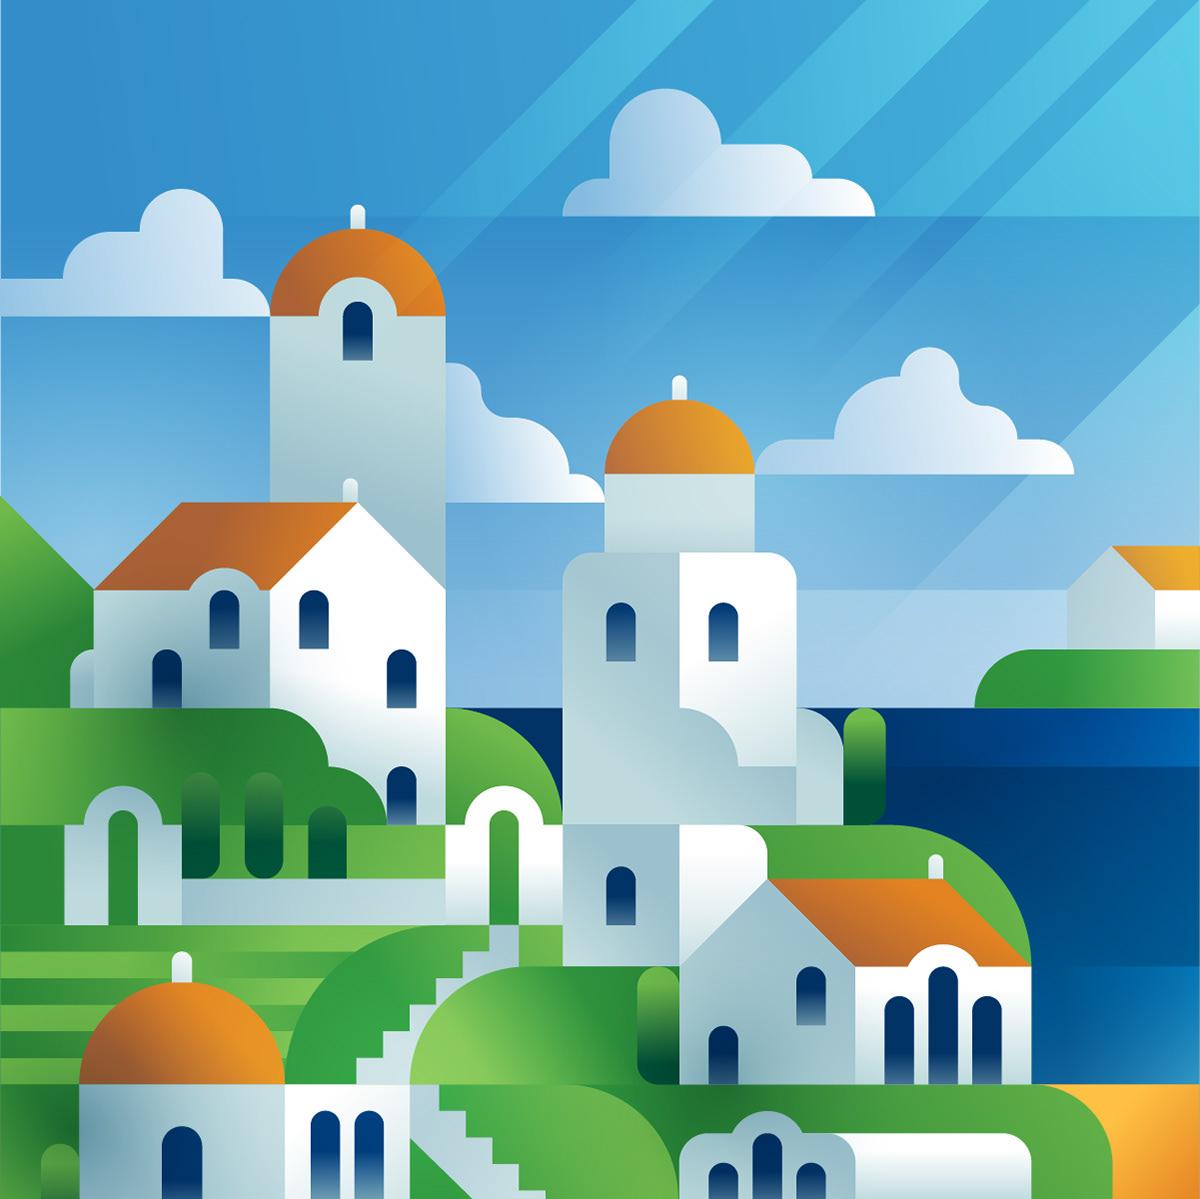 clouds flat colors gradient colors ILLUSTRATION  Island Landscape portrait sea SKY village